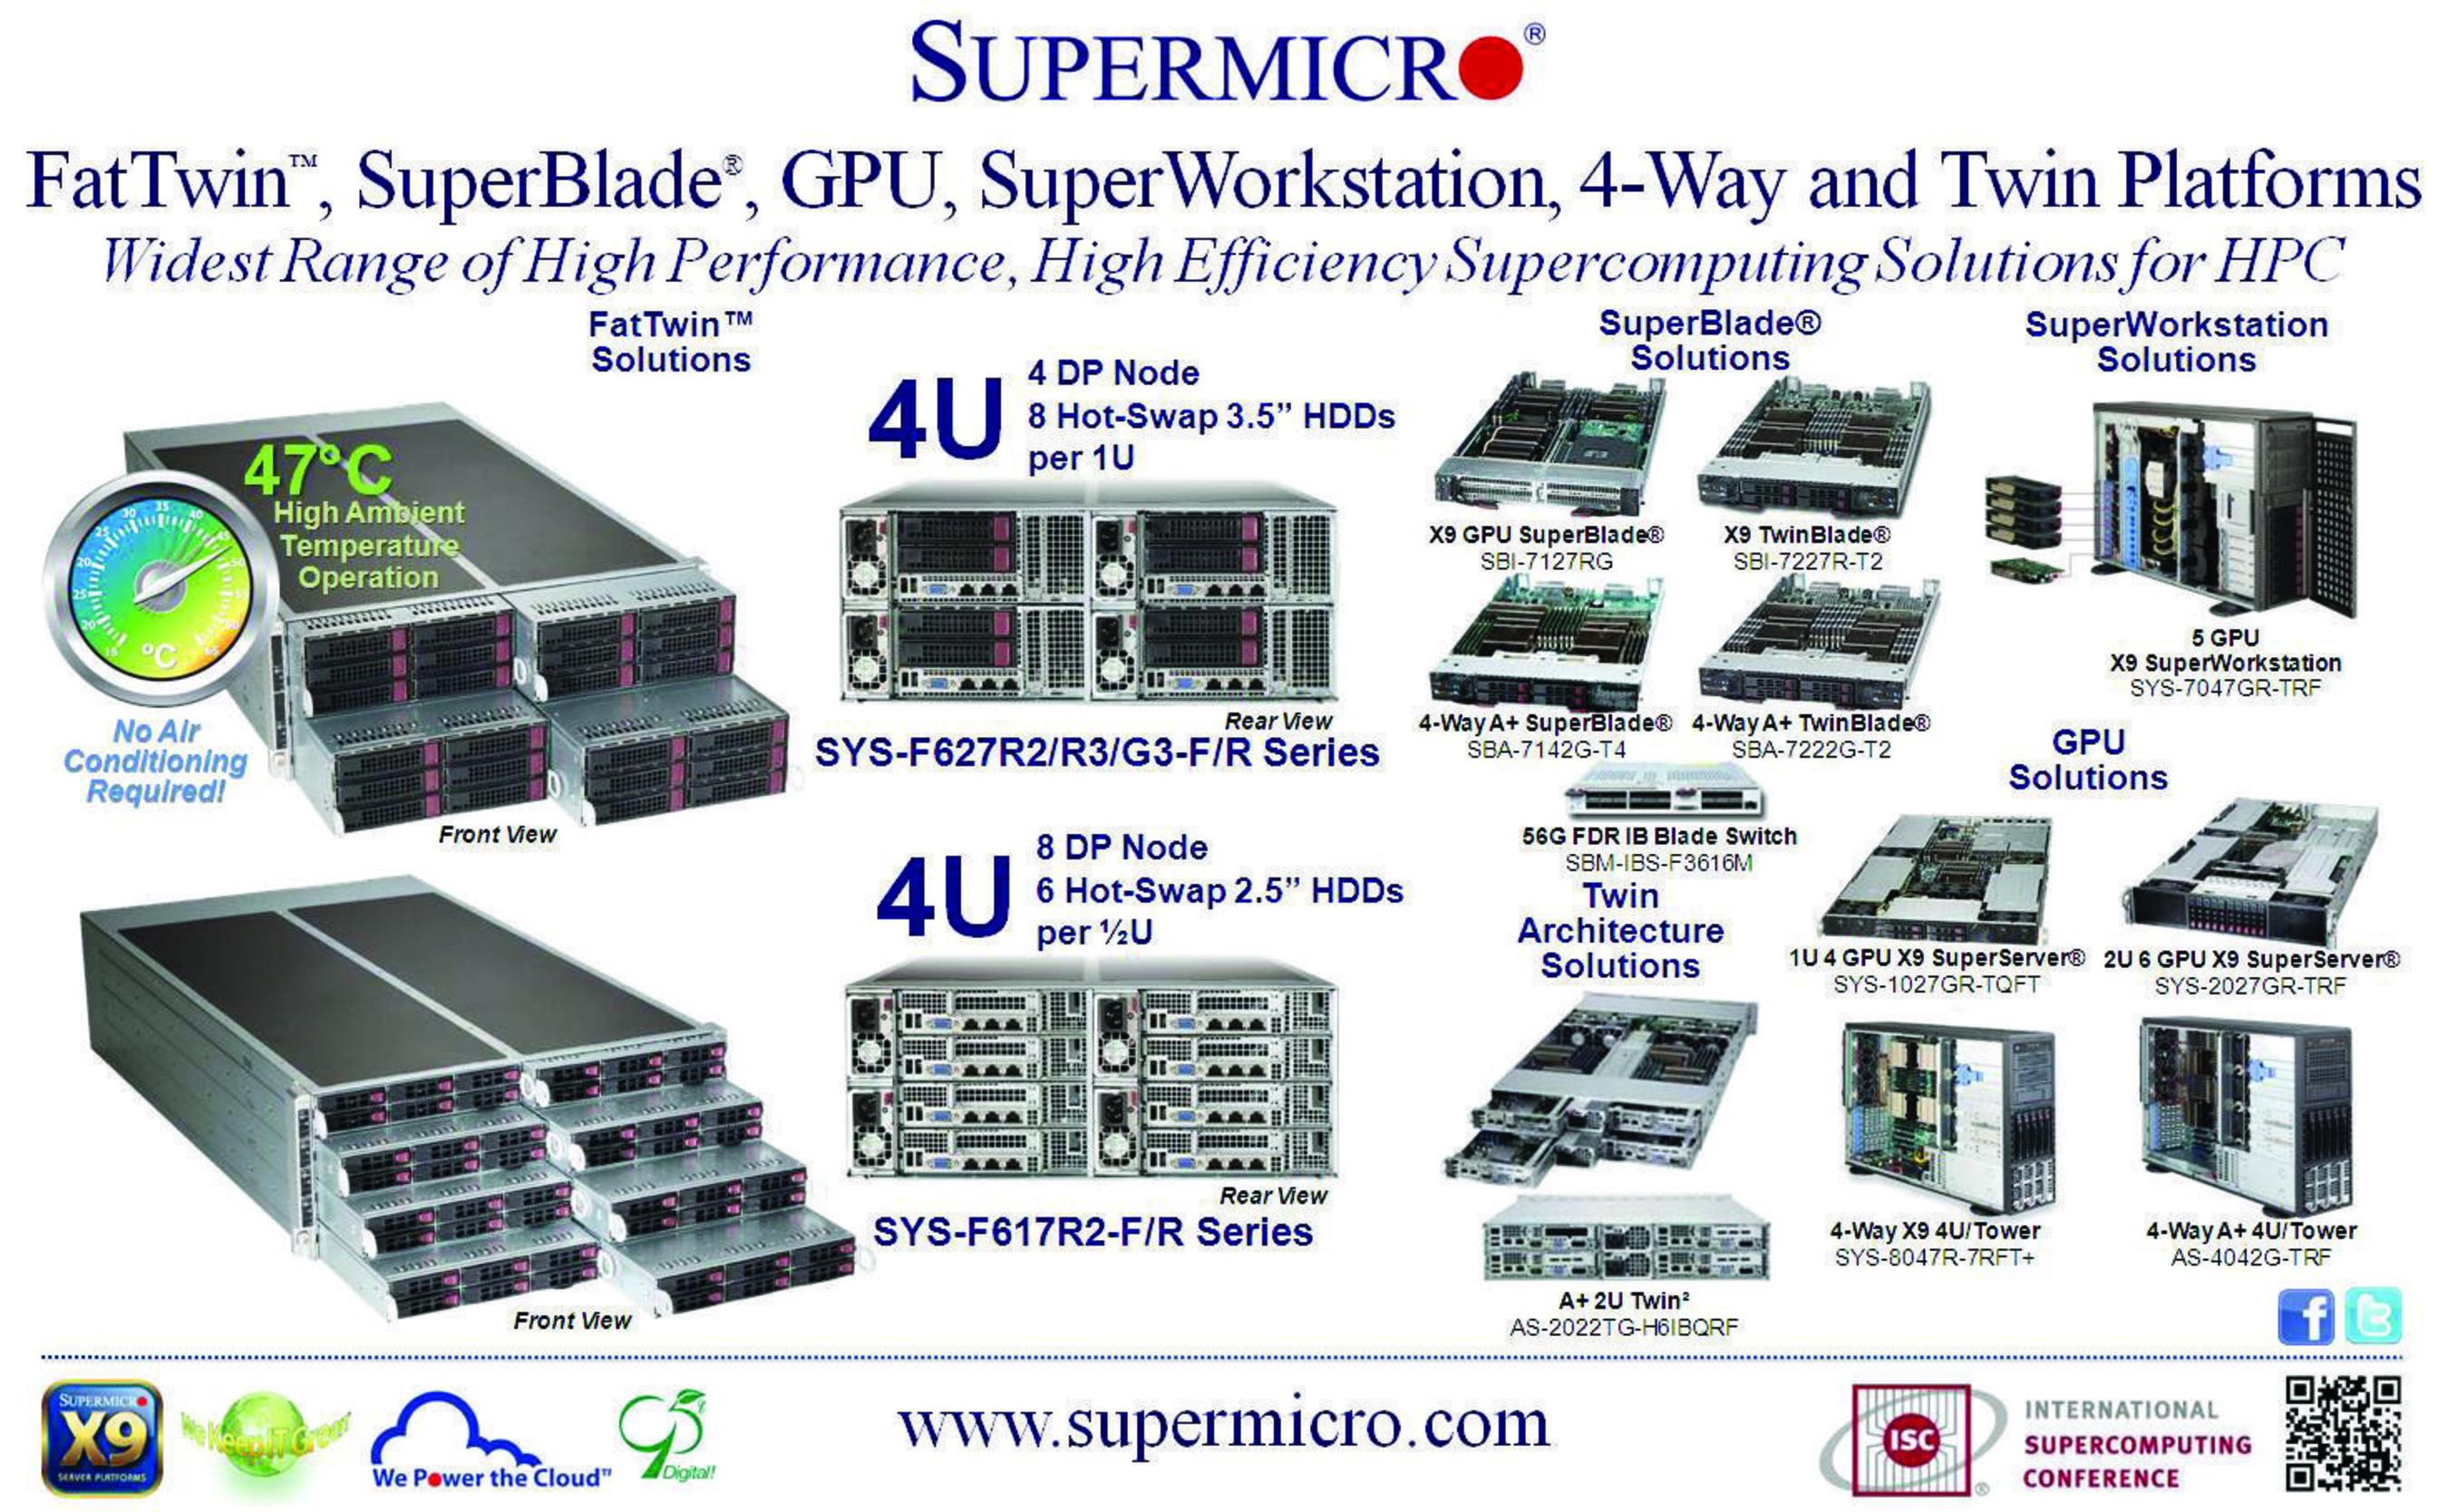 Supermicro® FatTwin™ è al centro delle attenzioni nella International Supercomputing Conference